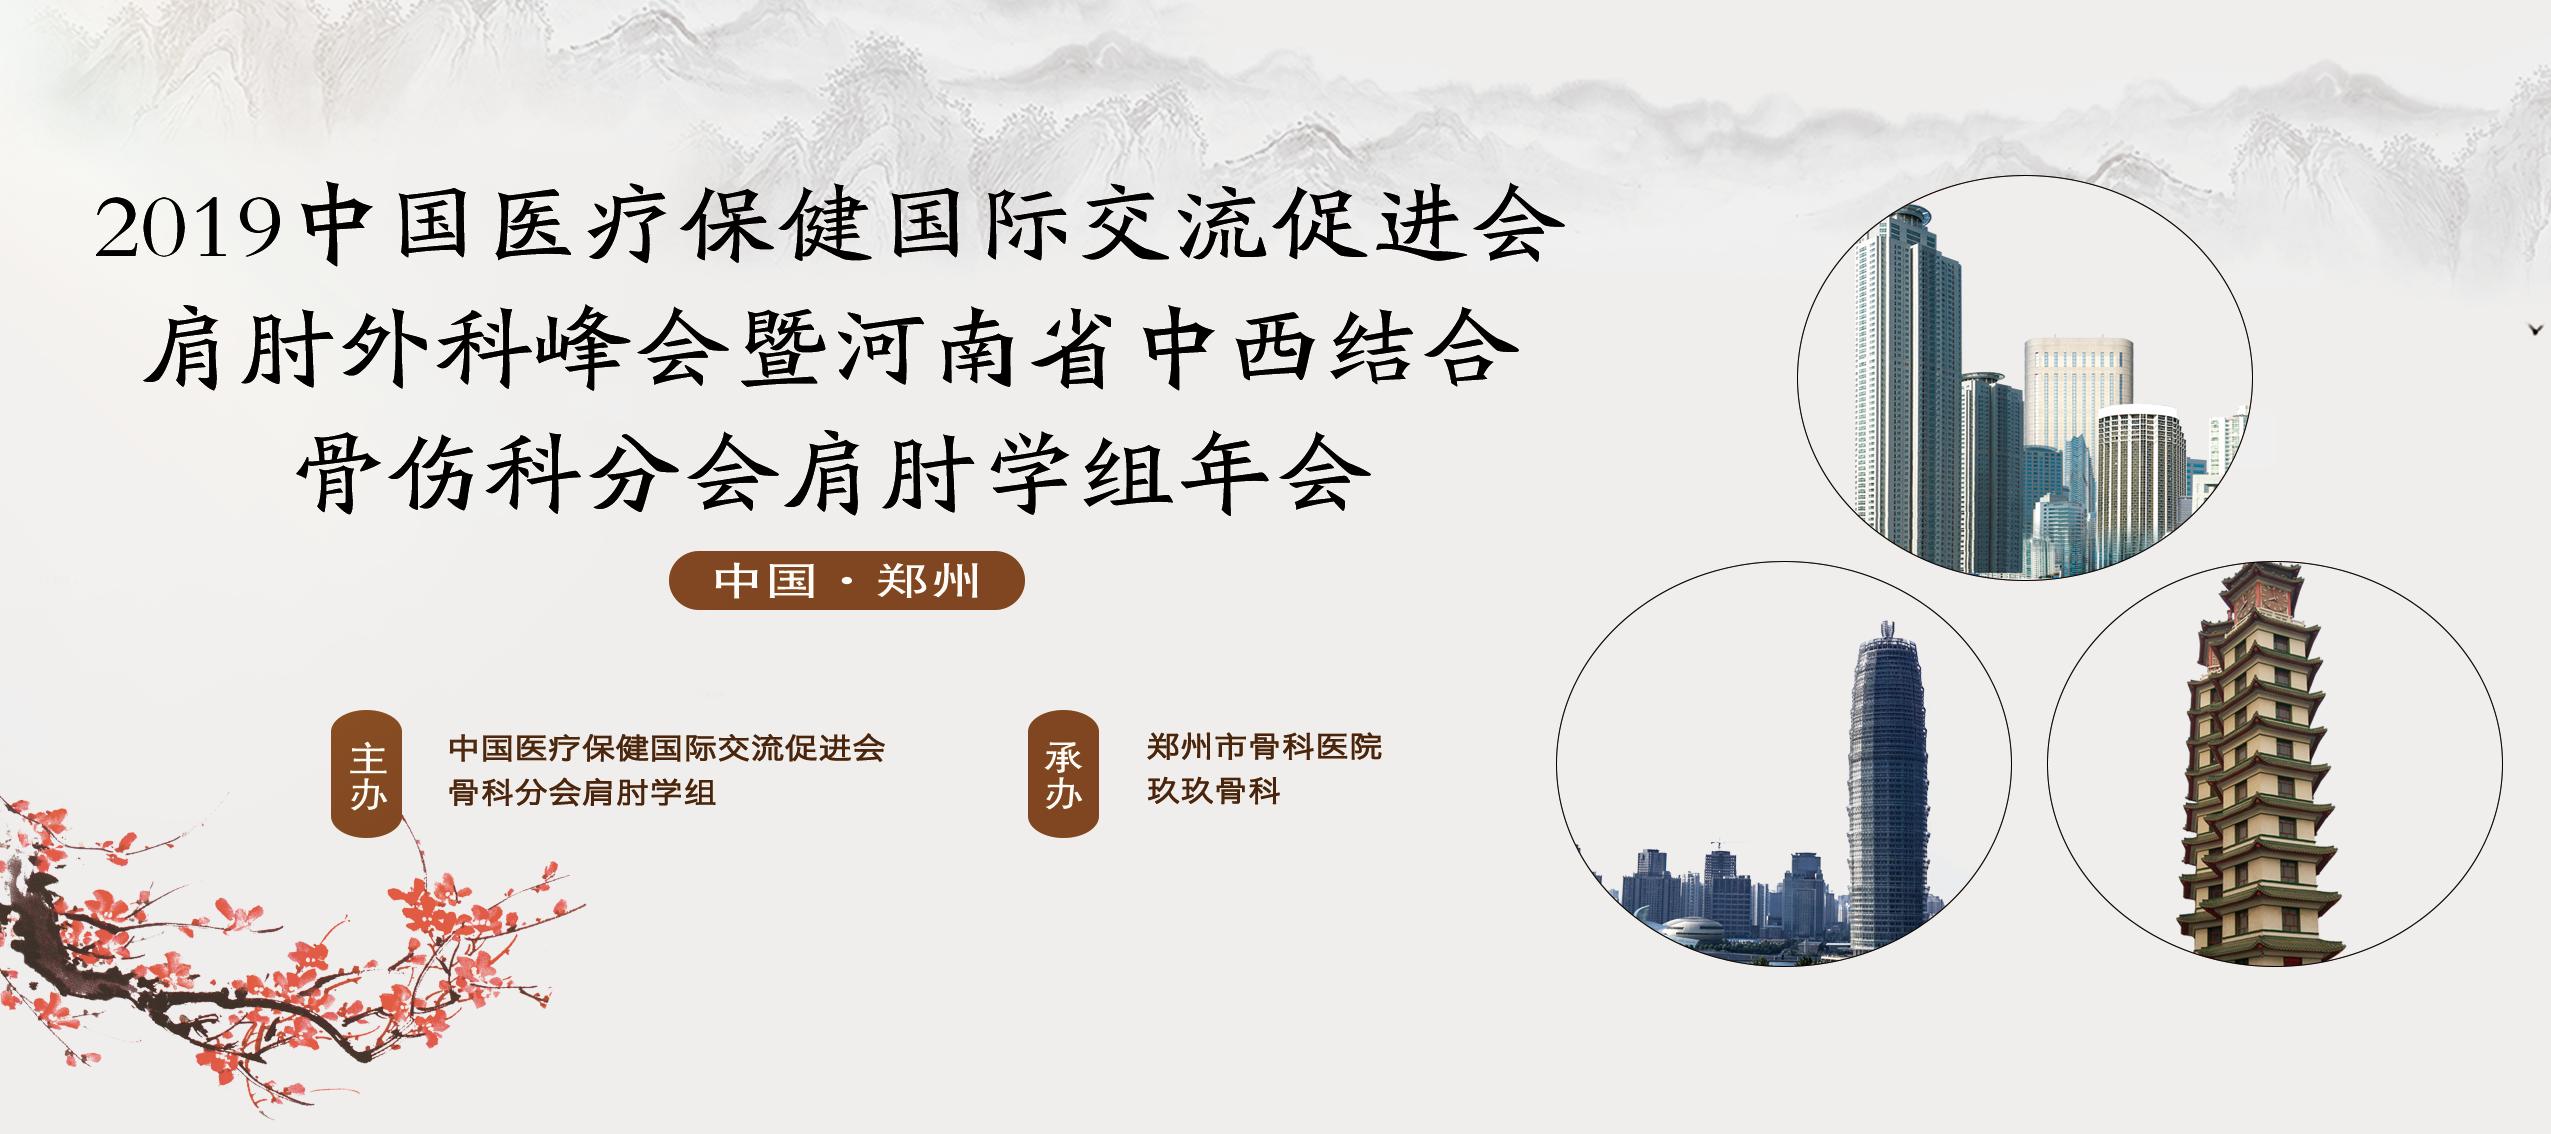 2019中国医疗保健国际交流促进会肩肘manbetx万博体育平台峰会 暨